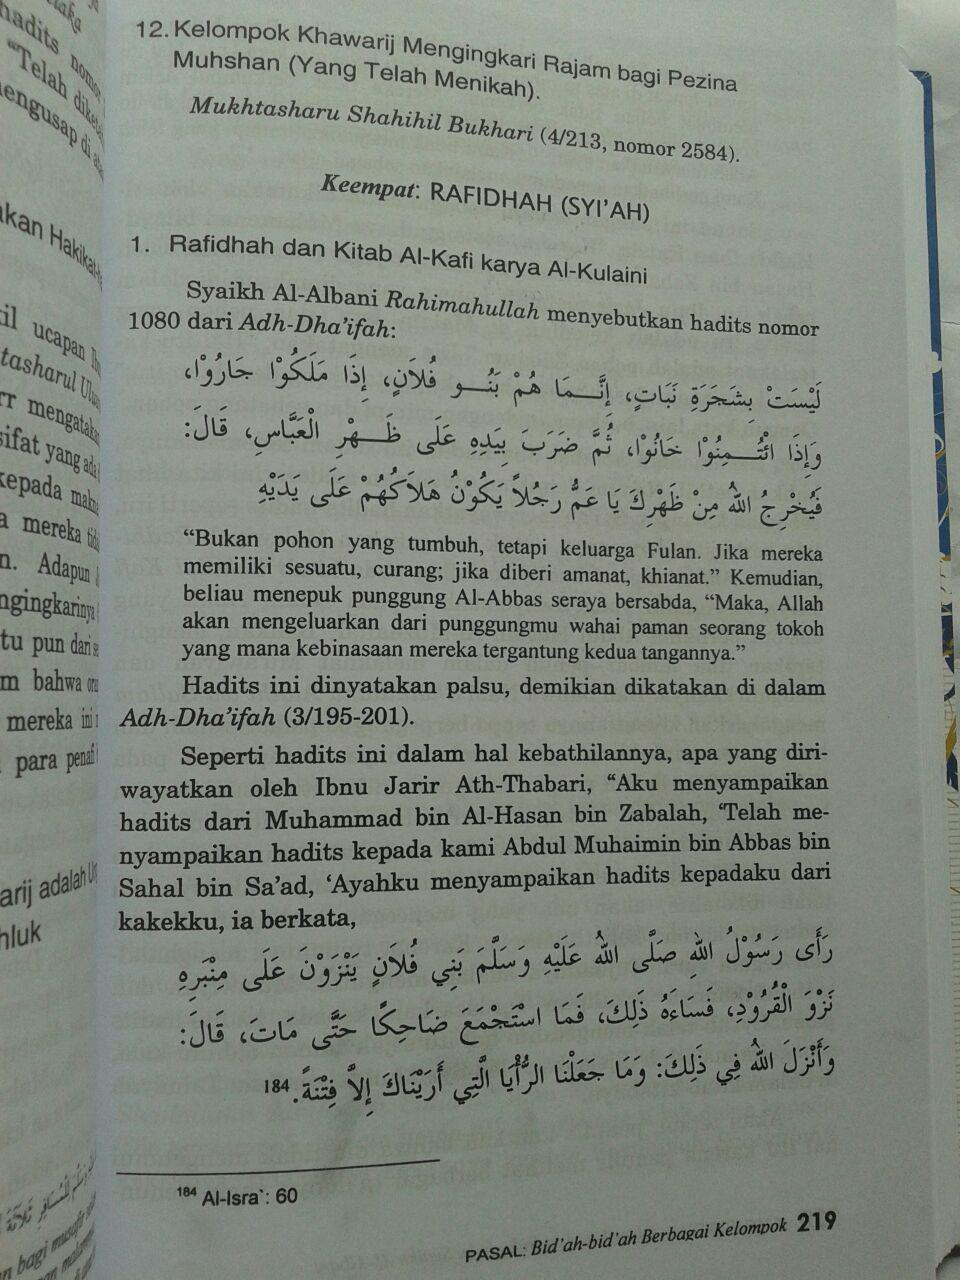 Buku Kamus Bid'ah Disarikan Dari Buku Buku Syaikh Al-Albani 240,000 20% 192,000 isi